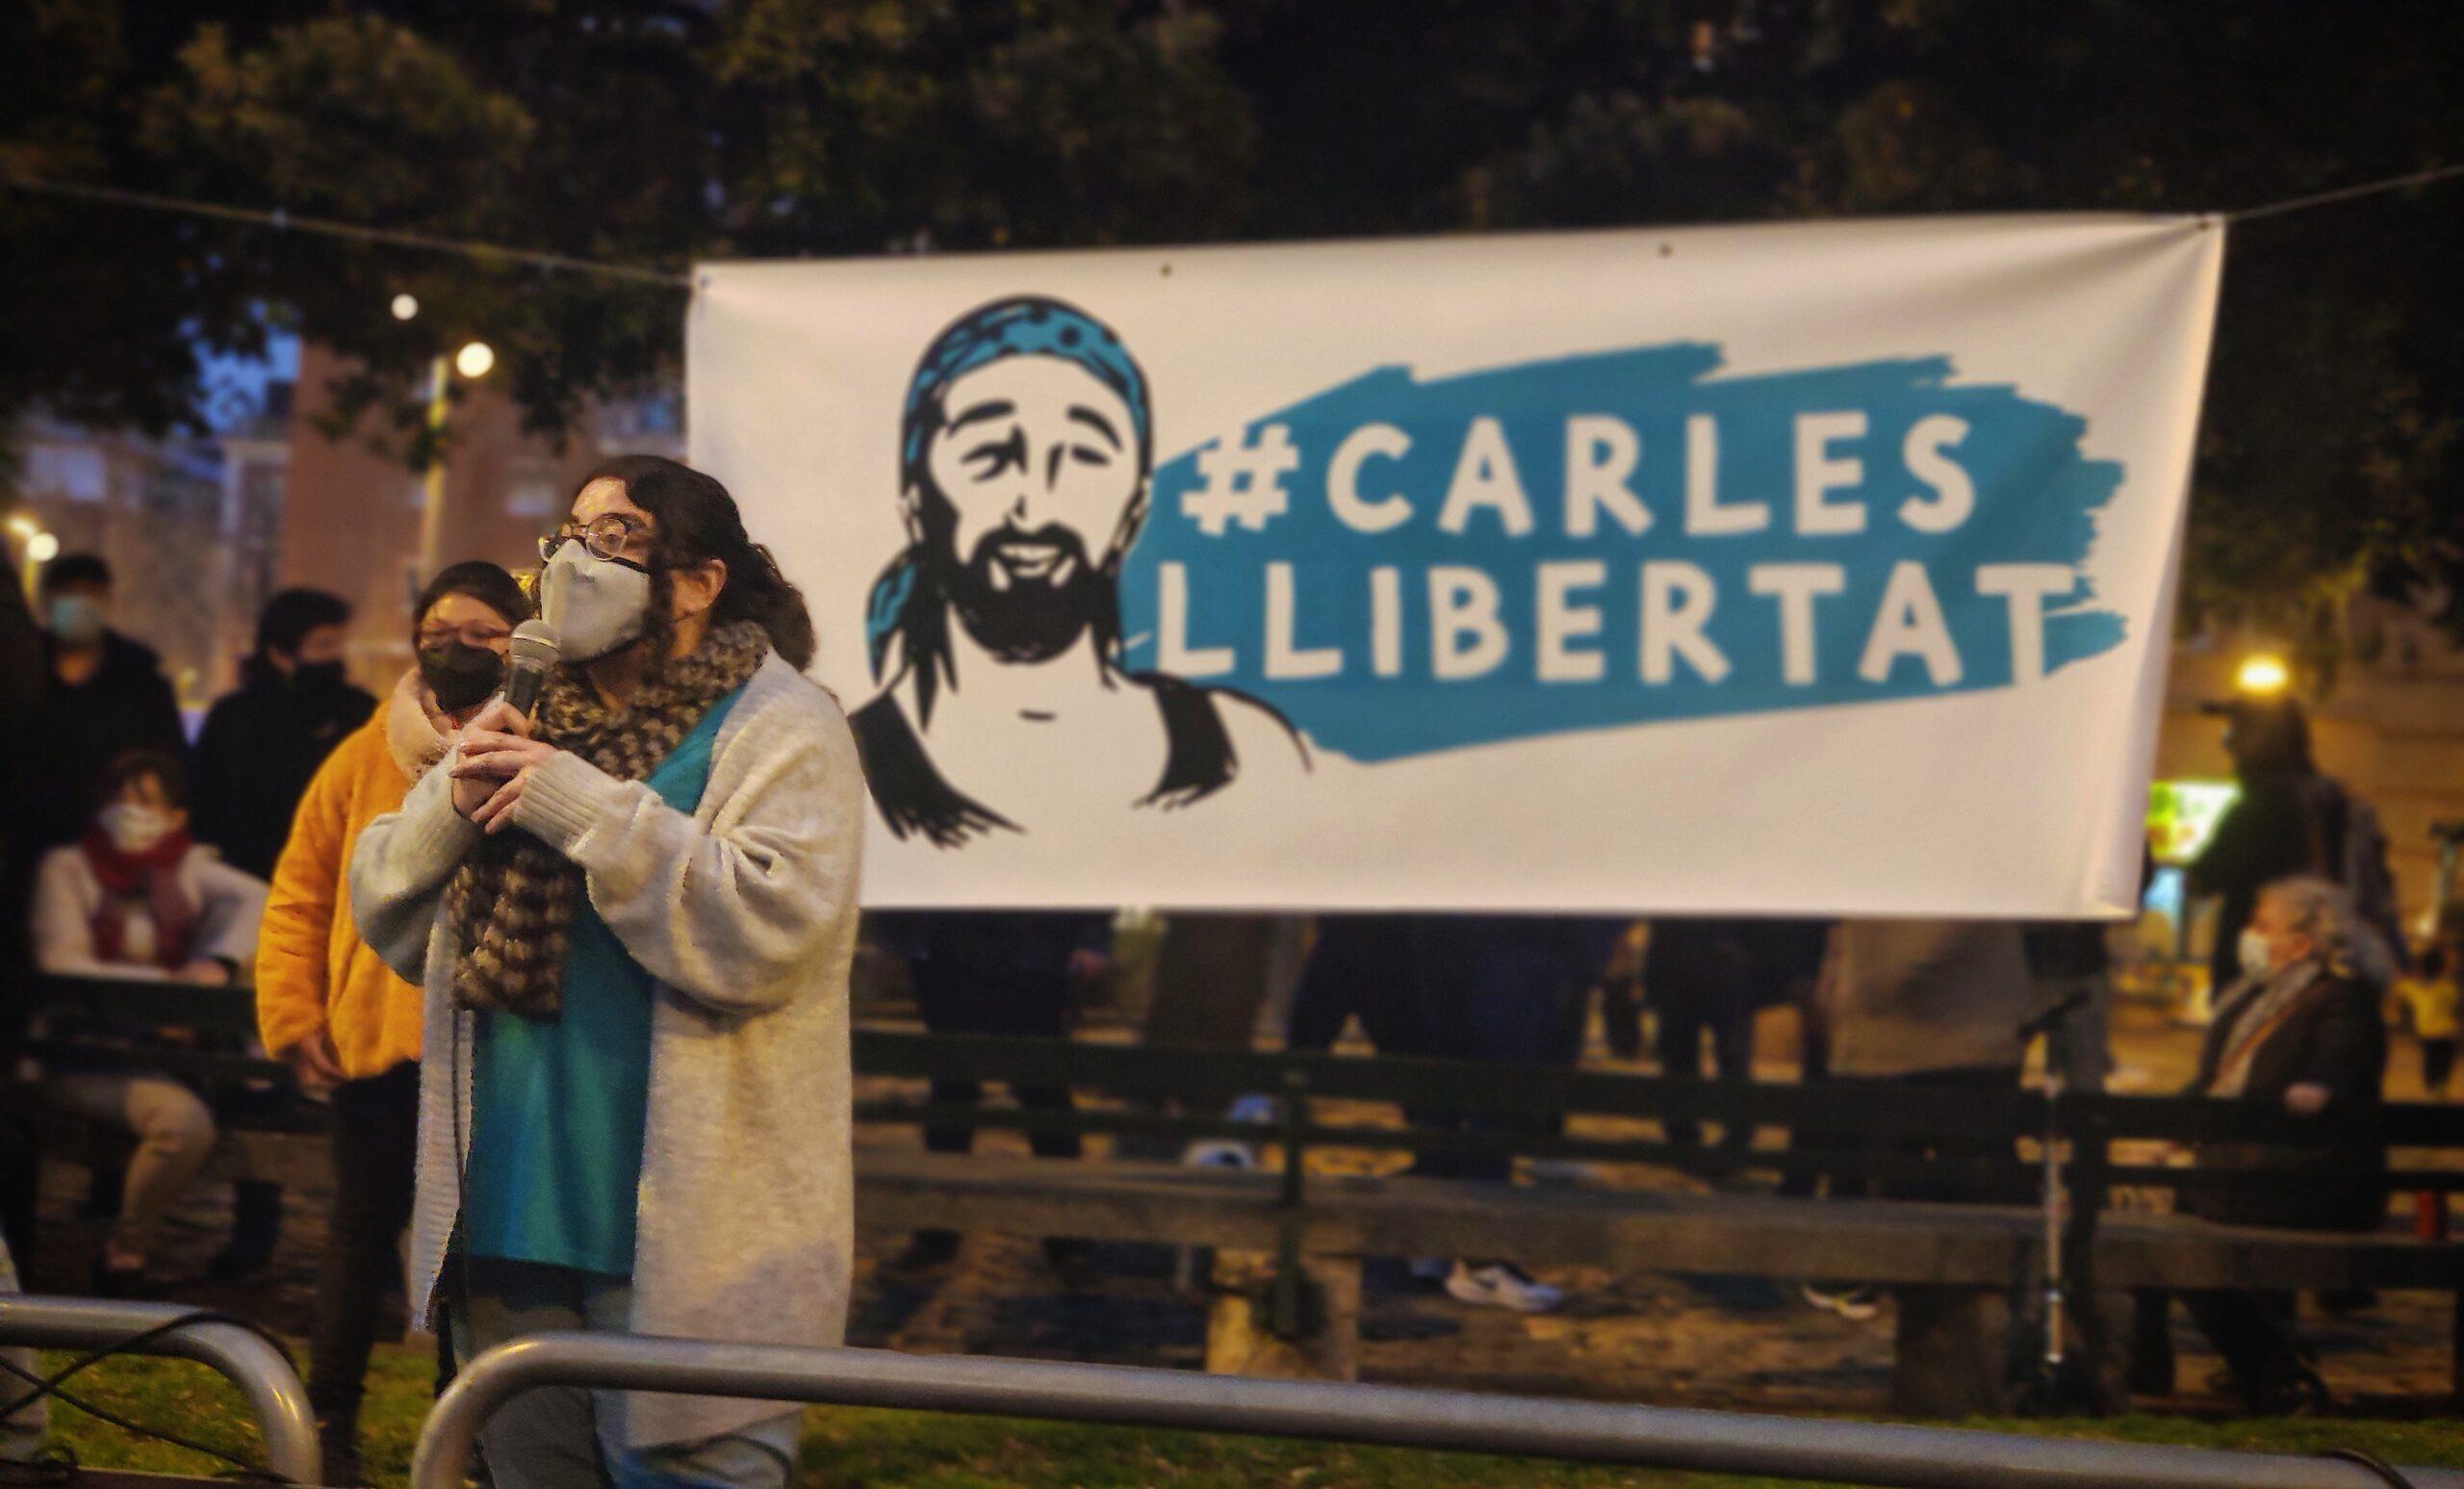 Imatge d'arxiu de la pancarta per demanar la llibertat del Carles quan era empresonat / David Cobo